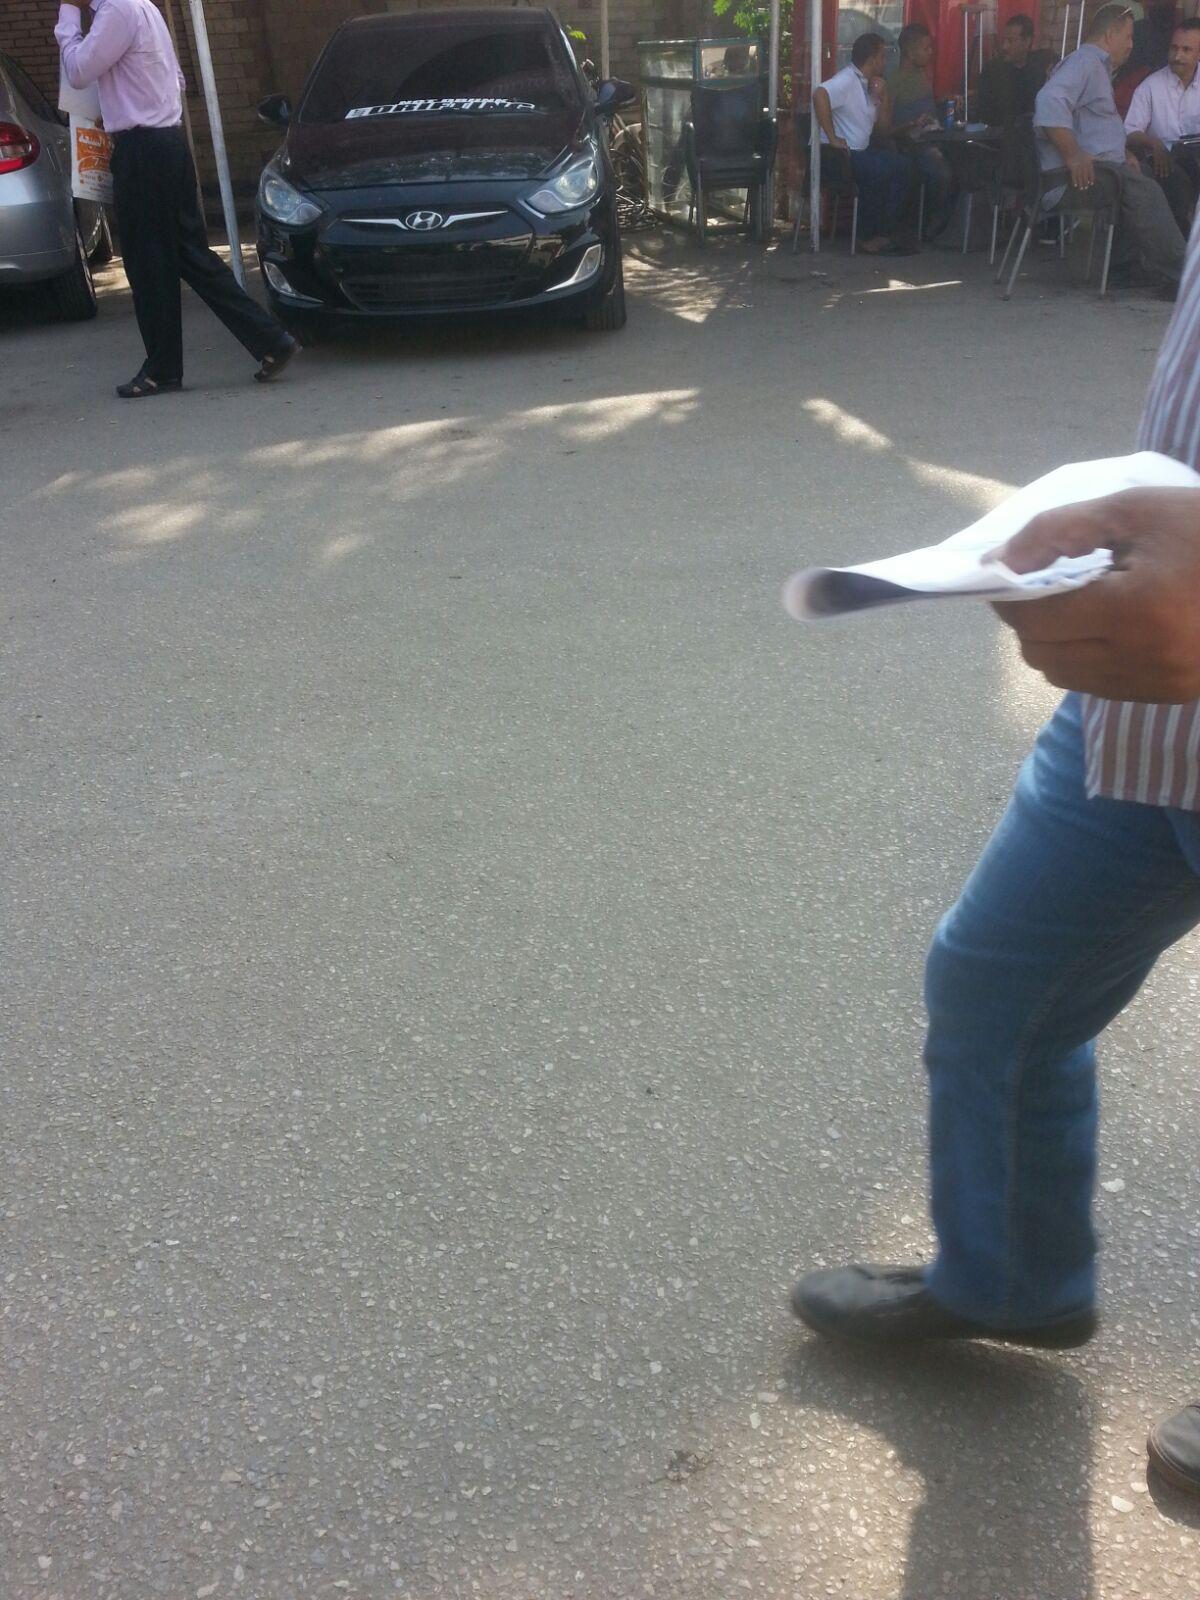 بالصور.. سيارة مخالفة في قلب وحدة تراخيص مرور شبرا بعبود